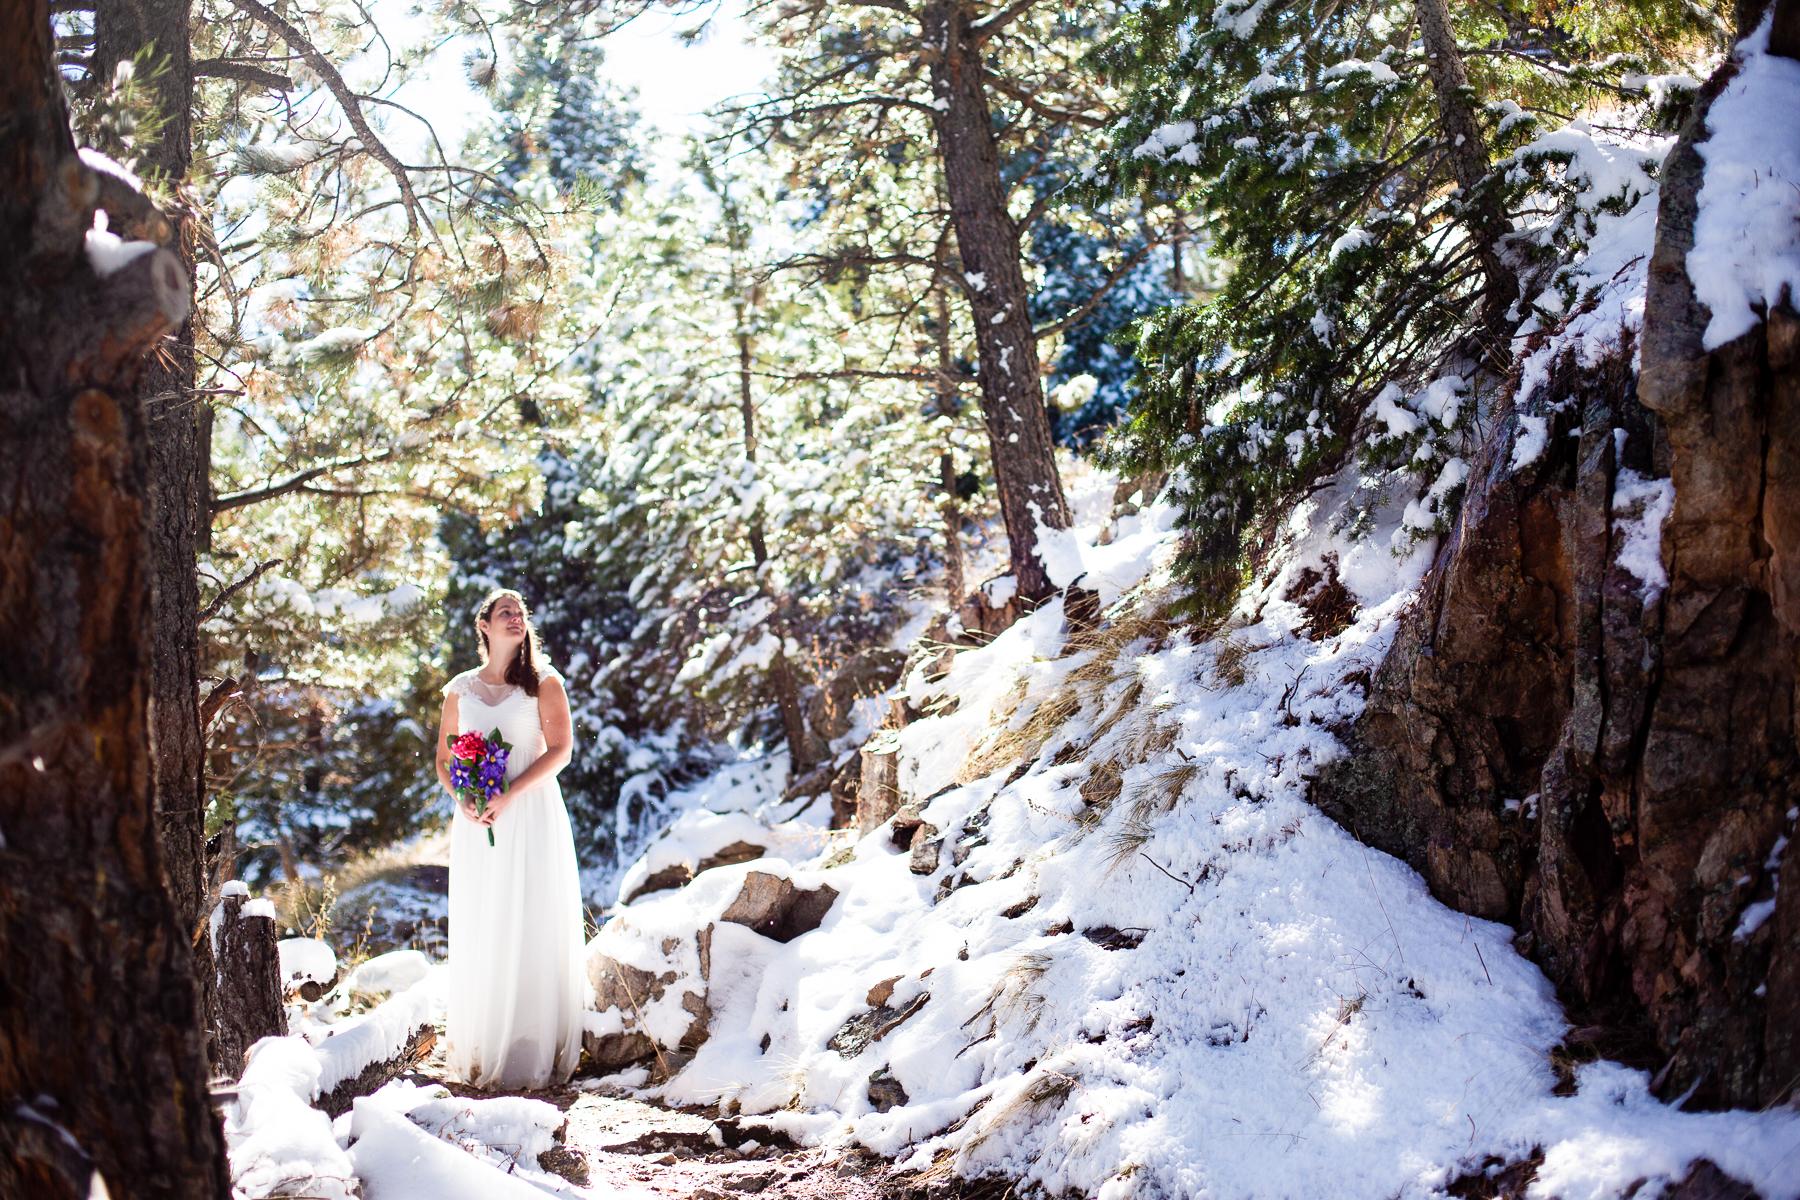 Eldorado Canyon, Colorado Immagine matrimonio sposa | la sposa si voltò a guardare un po 'di neve che cadeva da un albero più in alto